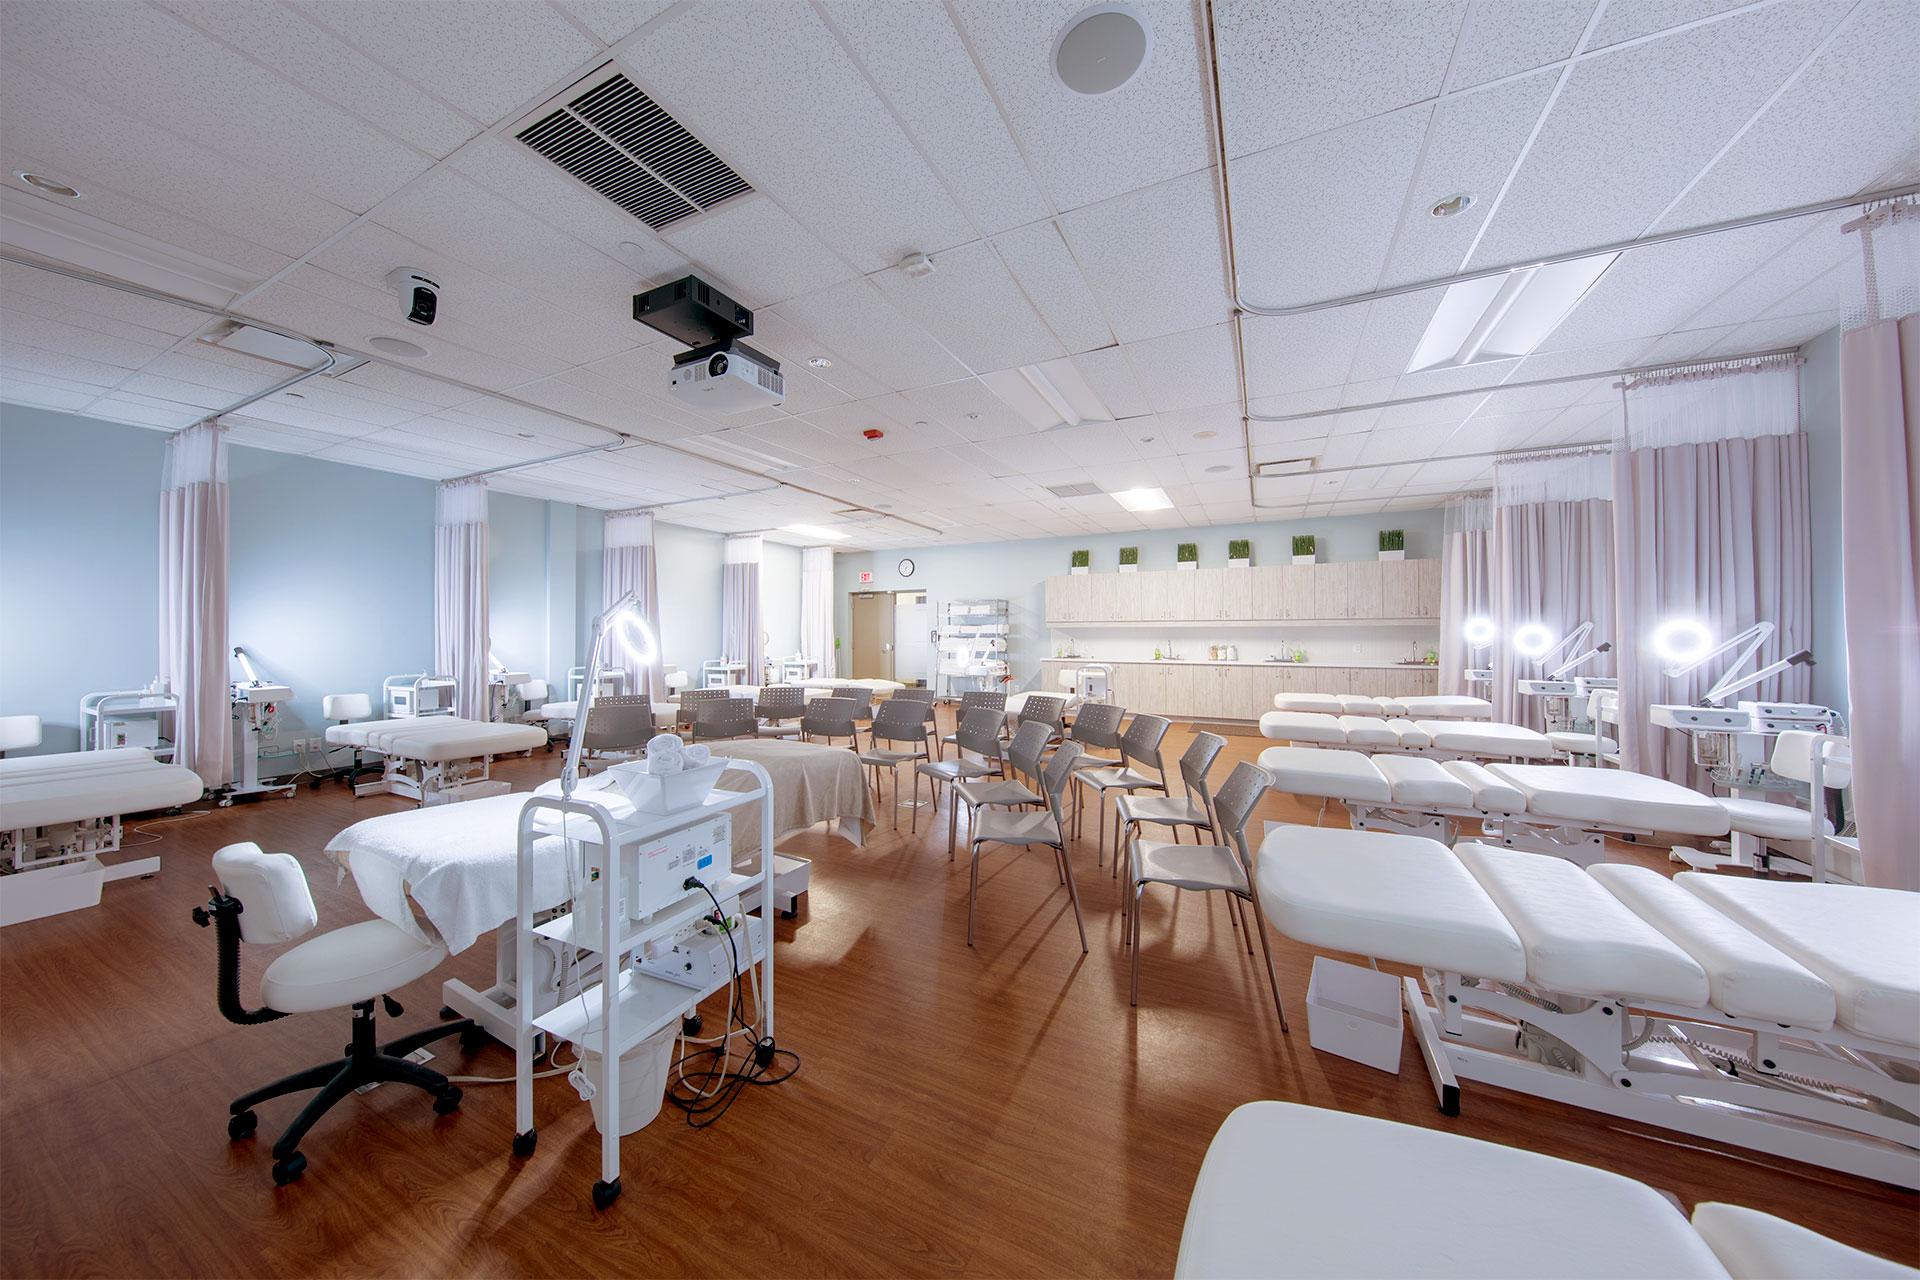 Humber Spa dành cho chuyên ngành Quản lý Spa, Làm đẹp và Mát xa trị liệu.